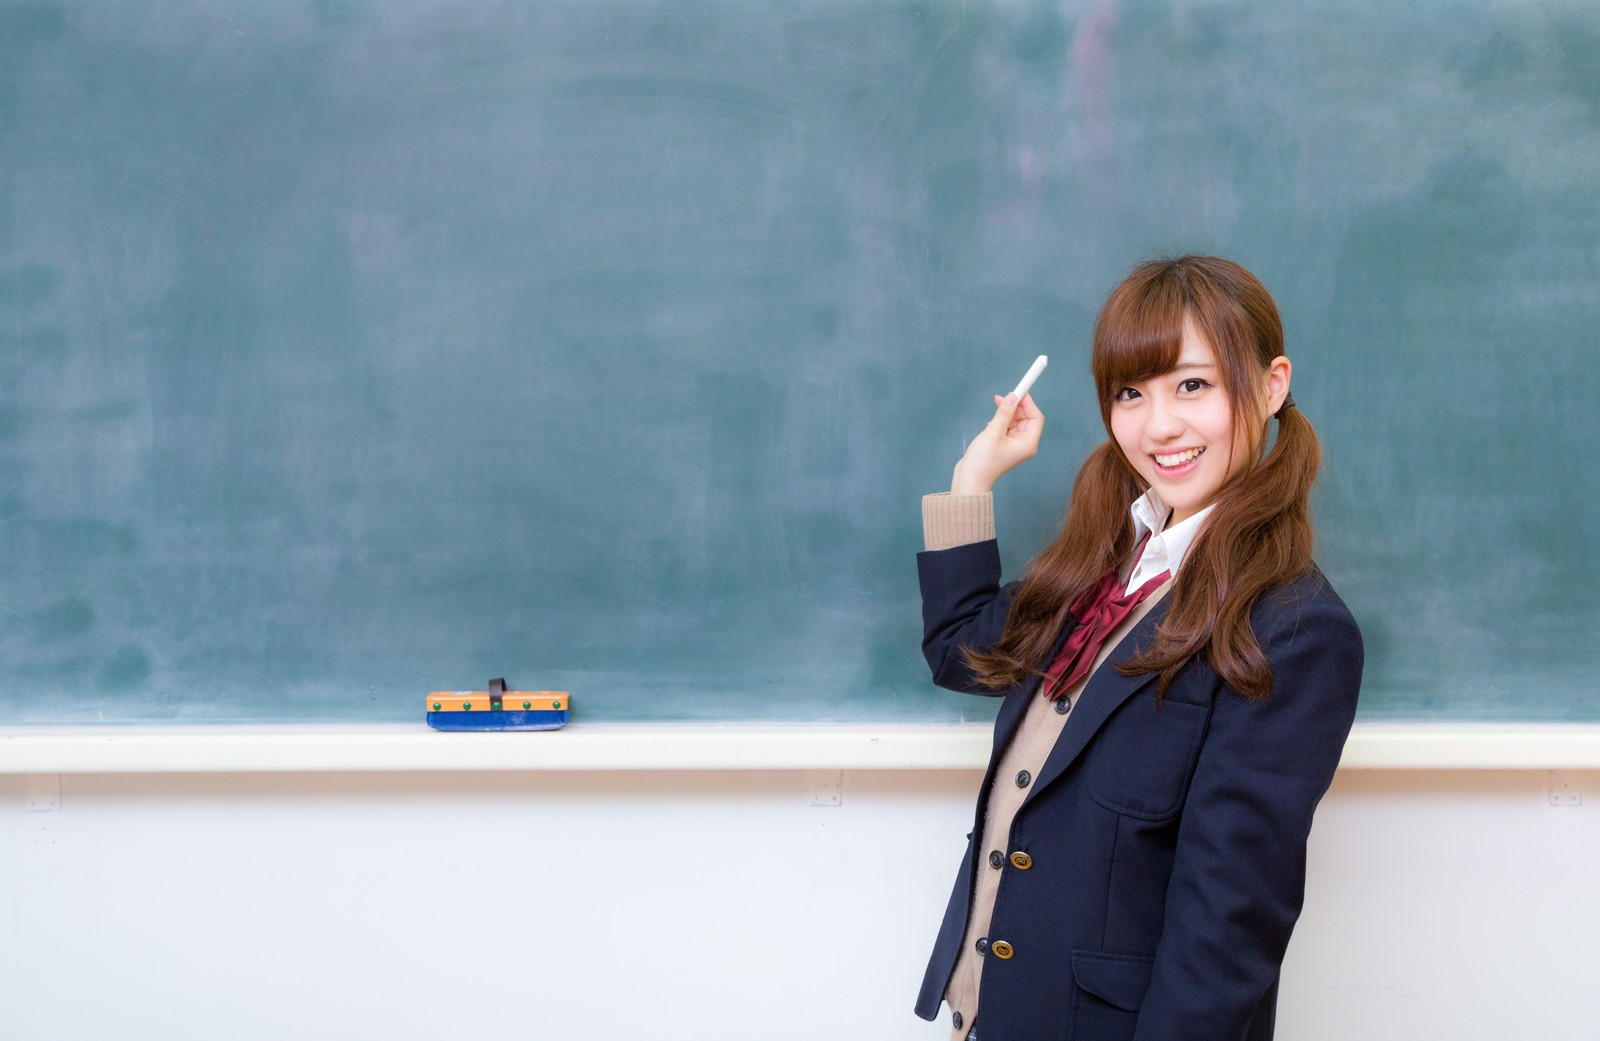 女子高生 女優 可愛い 画像